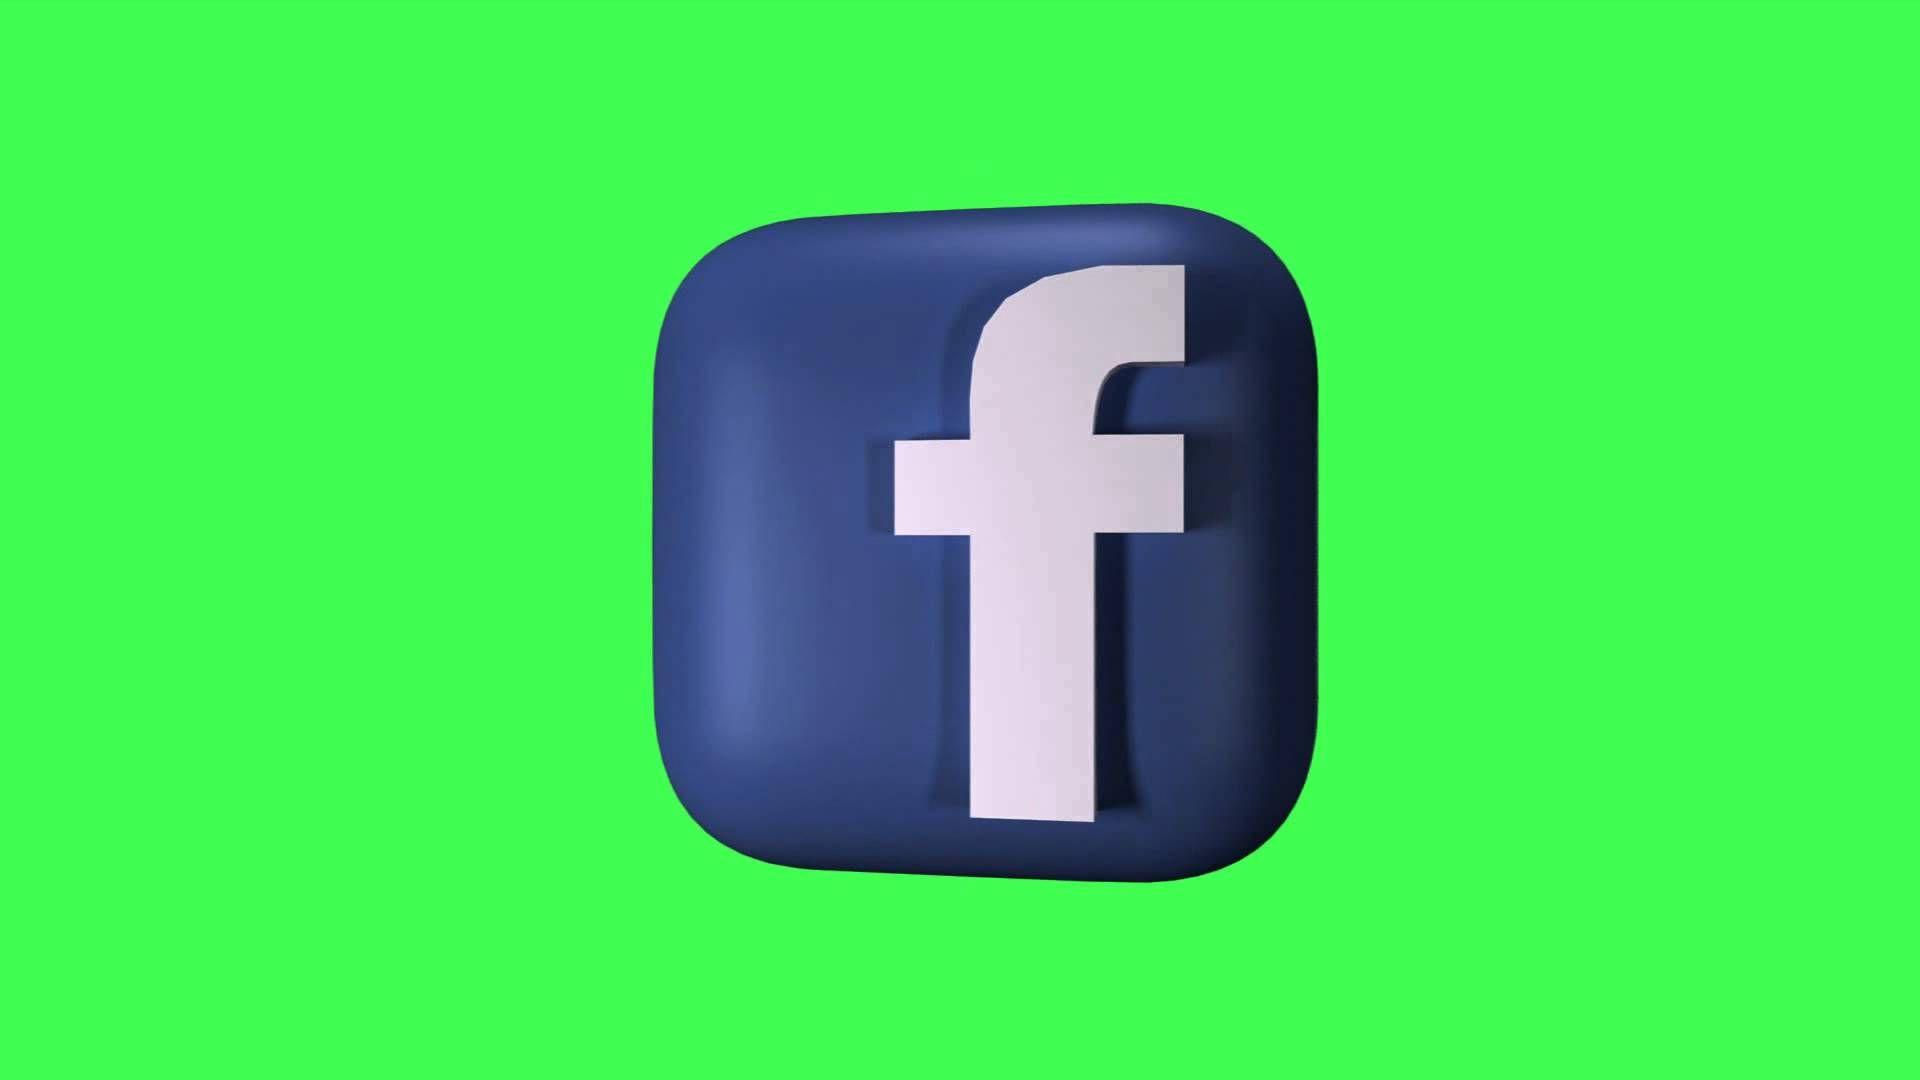 Free Green Screen 3d Facebook Logo Spinning Loop Free Green Screen Greenscreen Green